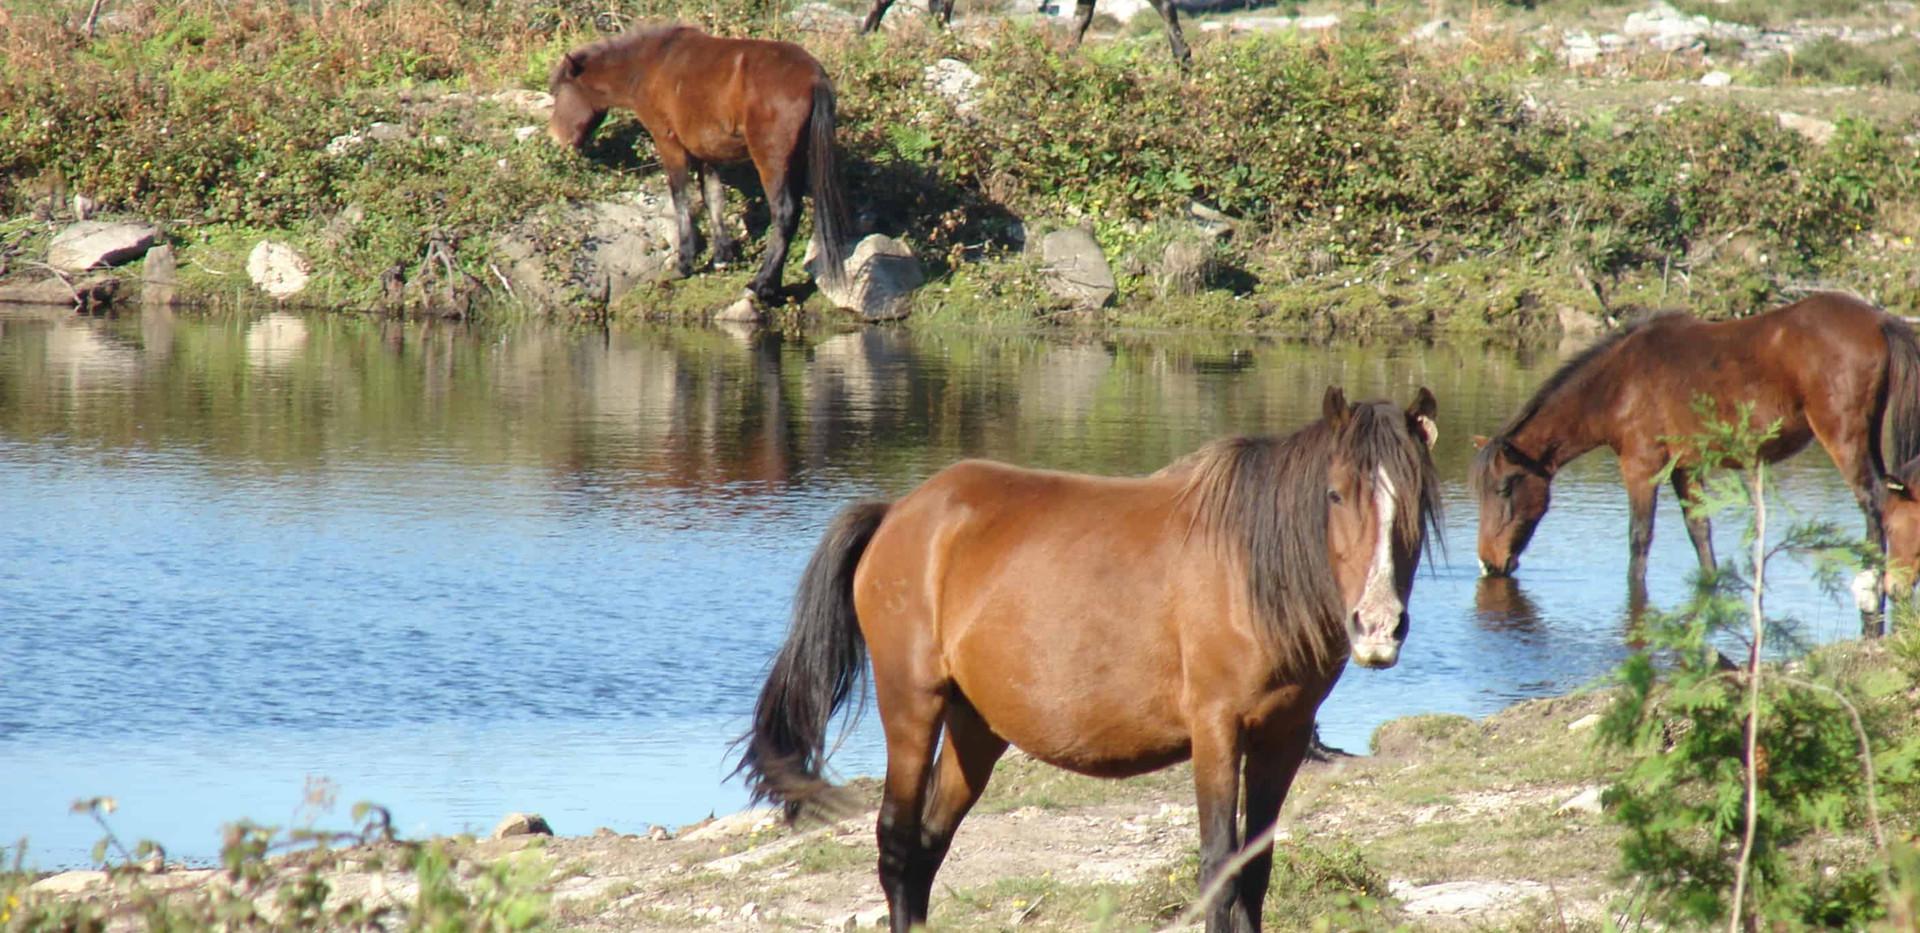 Wild horses Garrano